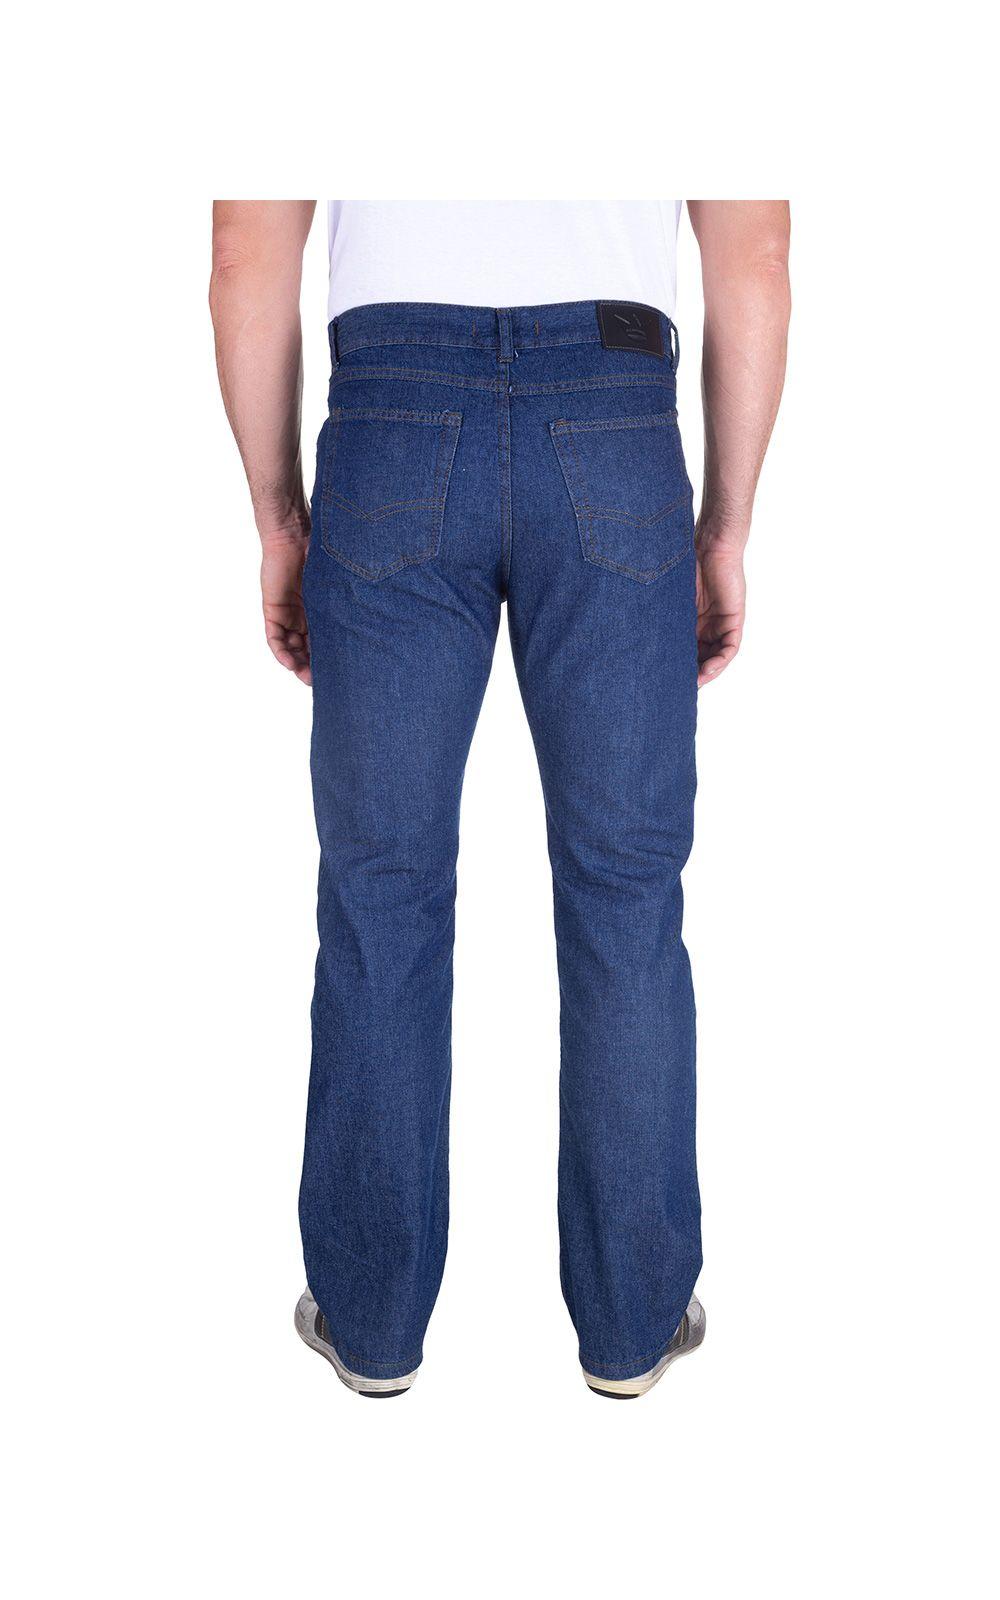 Foto 2 - Calça Jeans Masculina Azul Marinho Lisa